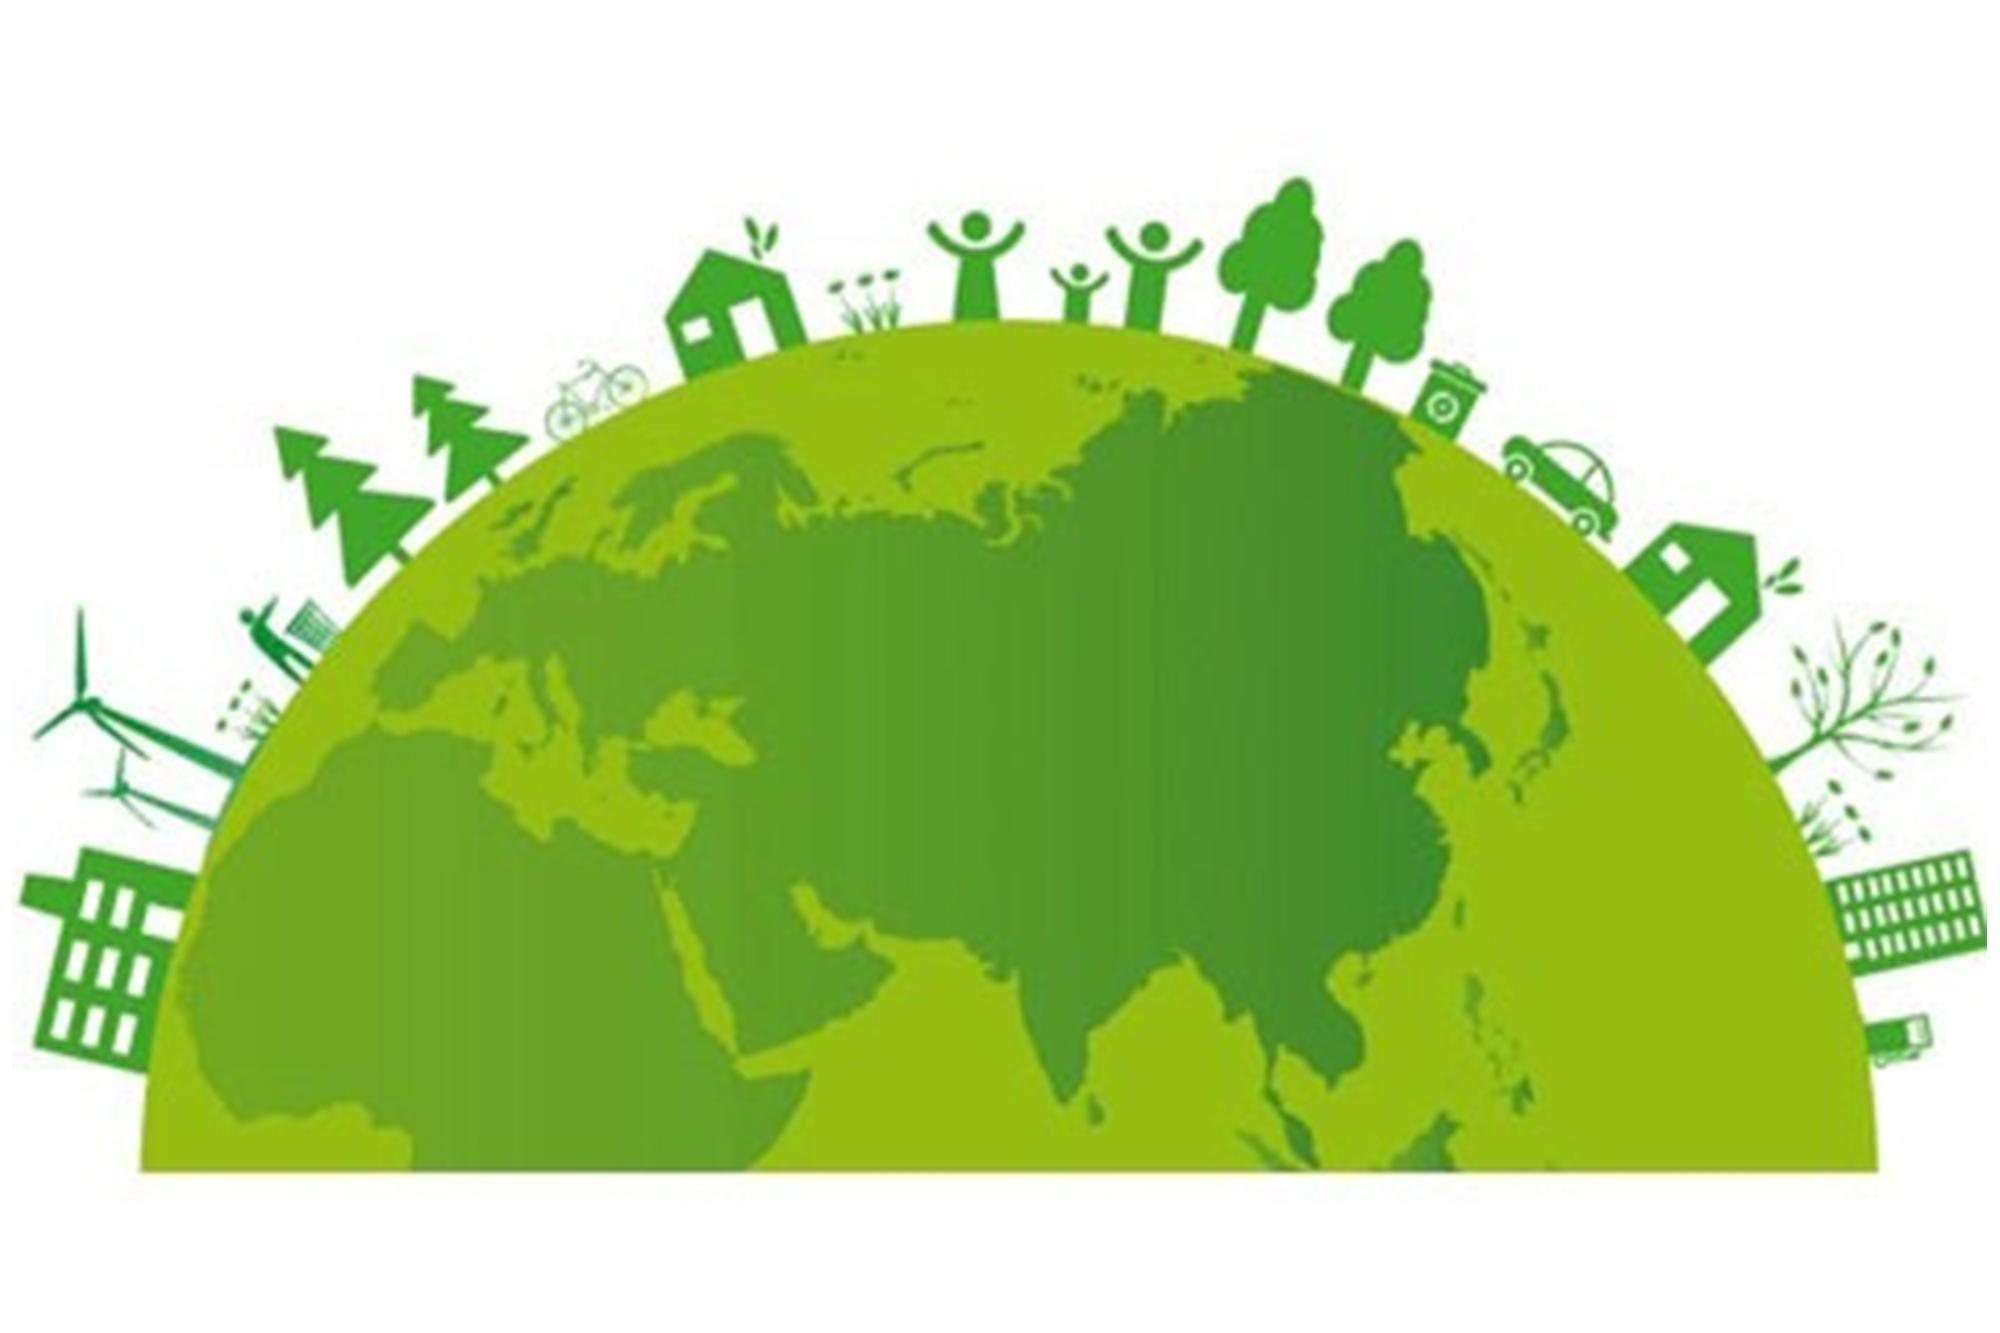 Module duurzaamheid